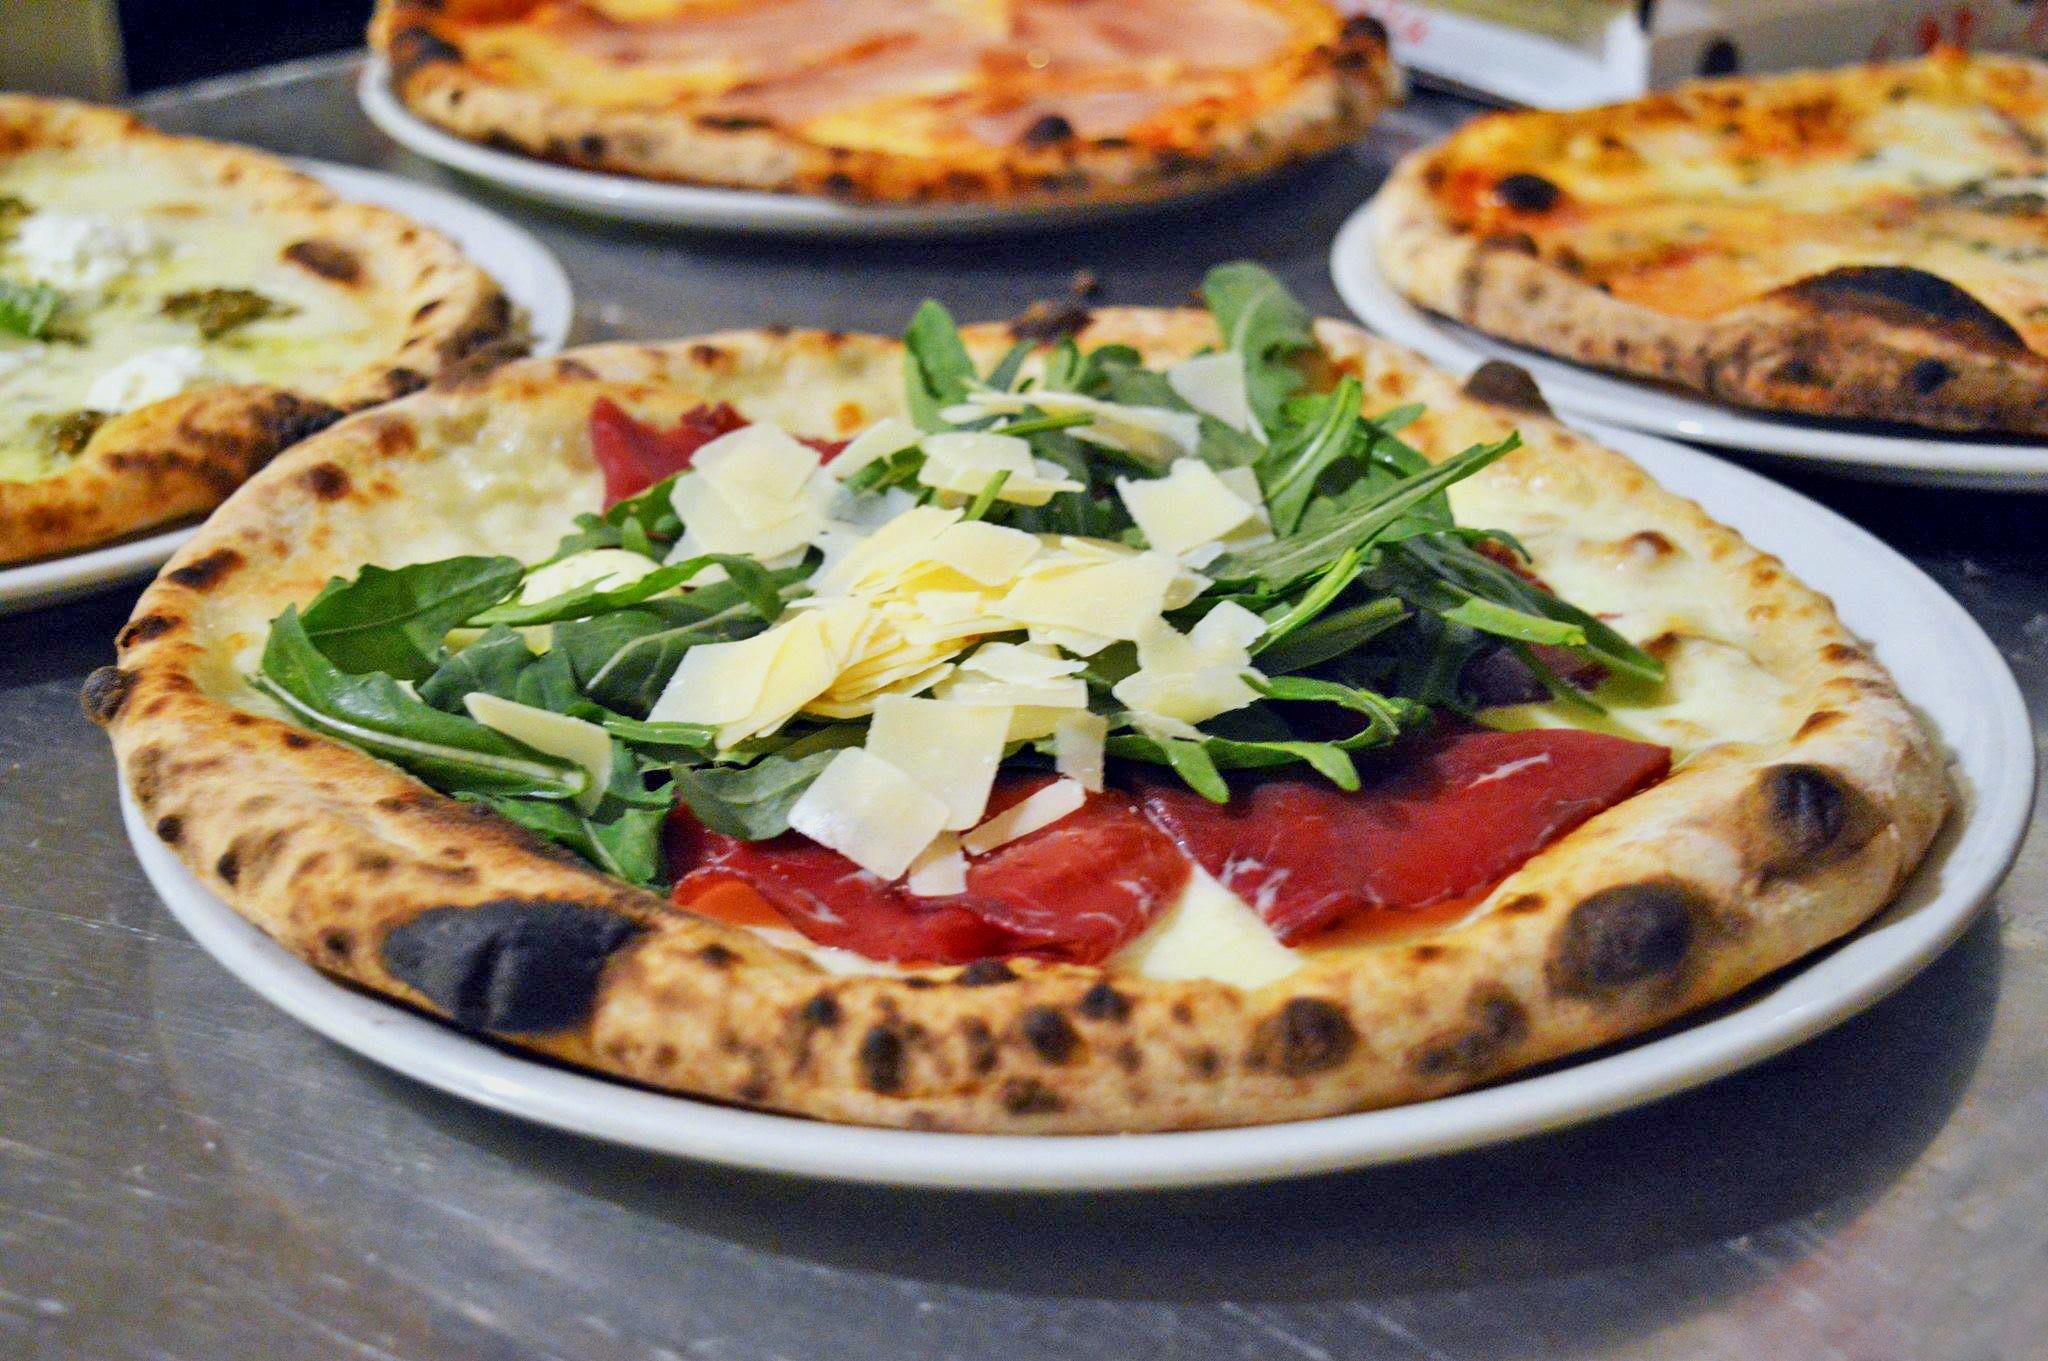 Pizza Senza Glutine Al Cantagallo a Giovinazzo Bari